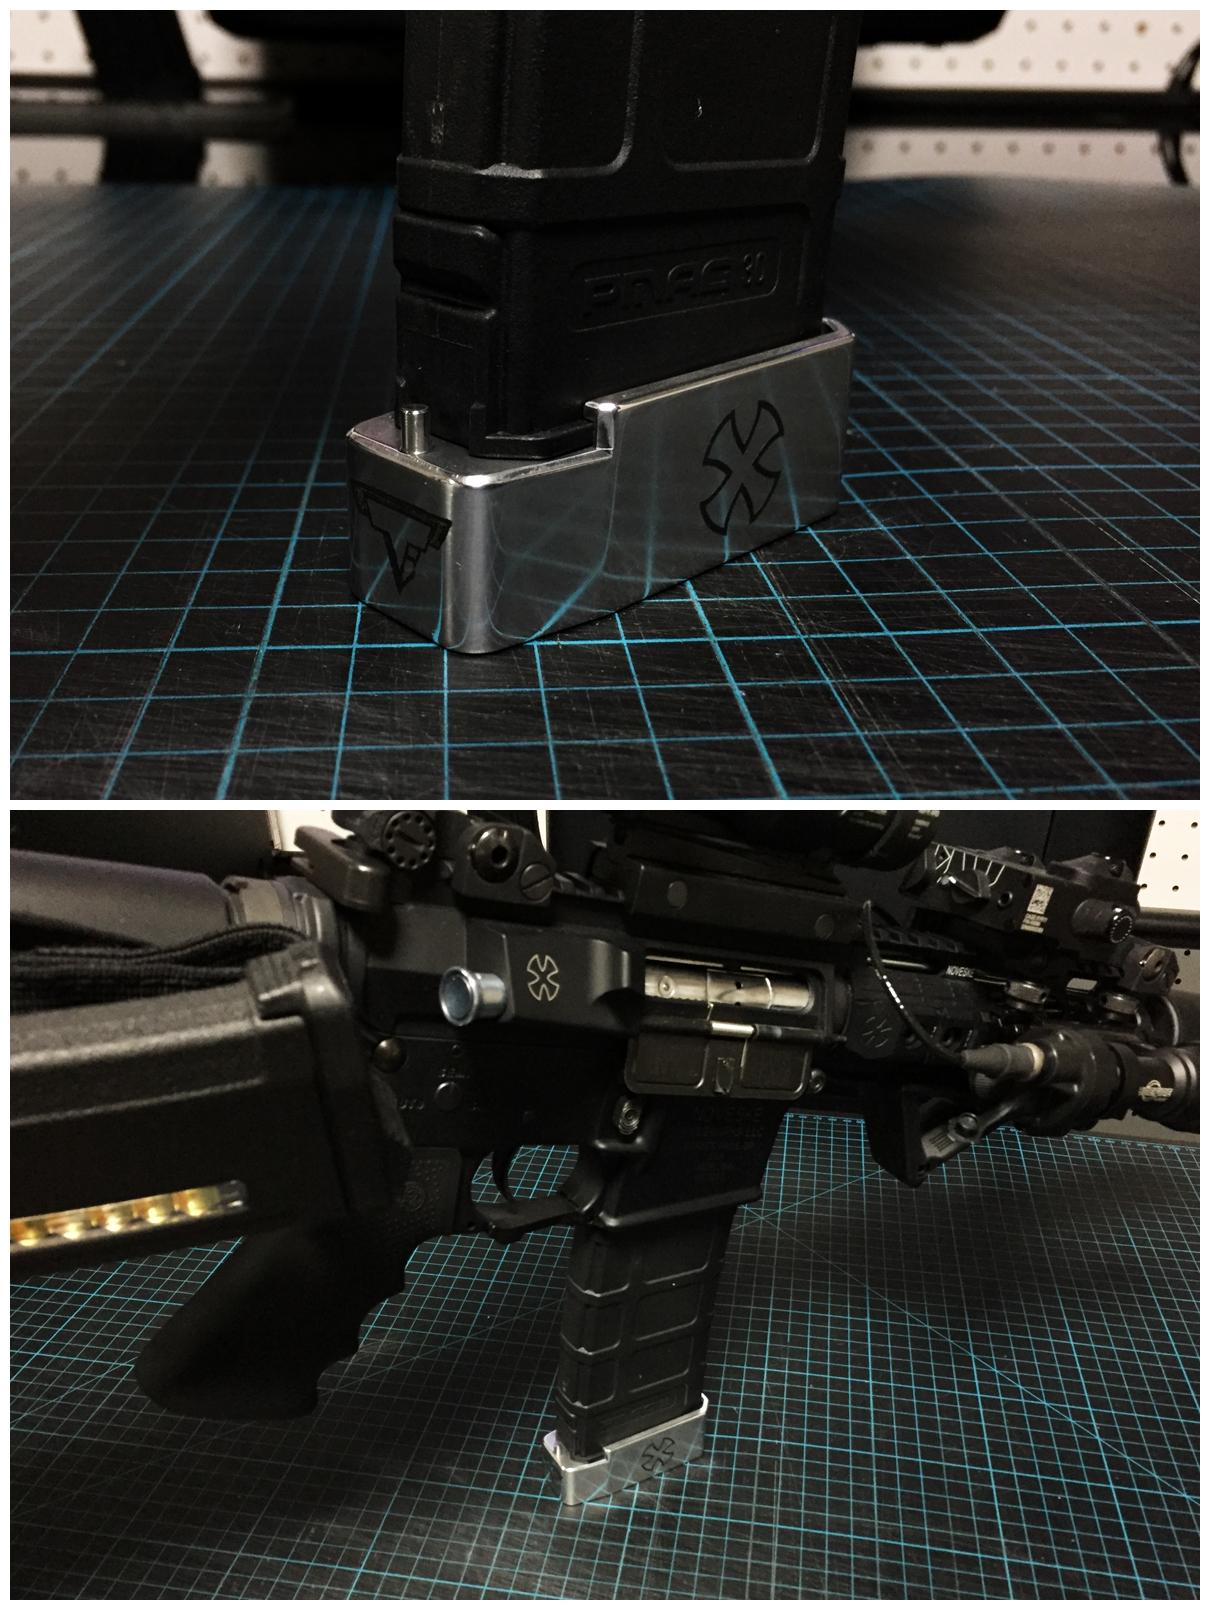 8 ブルーイング 刻印 TTI タイプ レプリカ NOVESKE 自作DIY 加工 UAC P-MAG アルミニウム マガジン ベース パッド